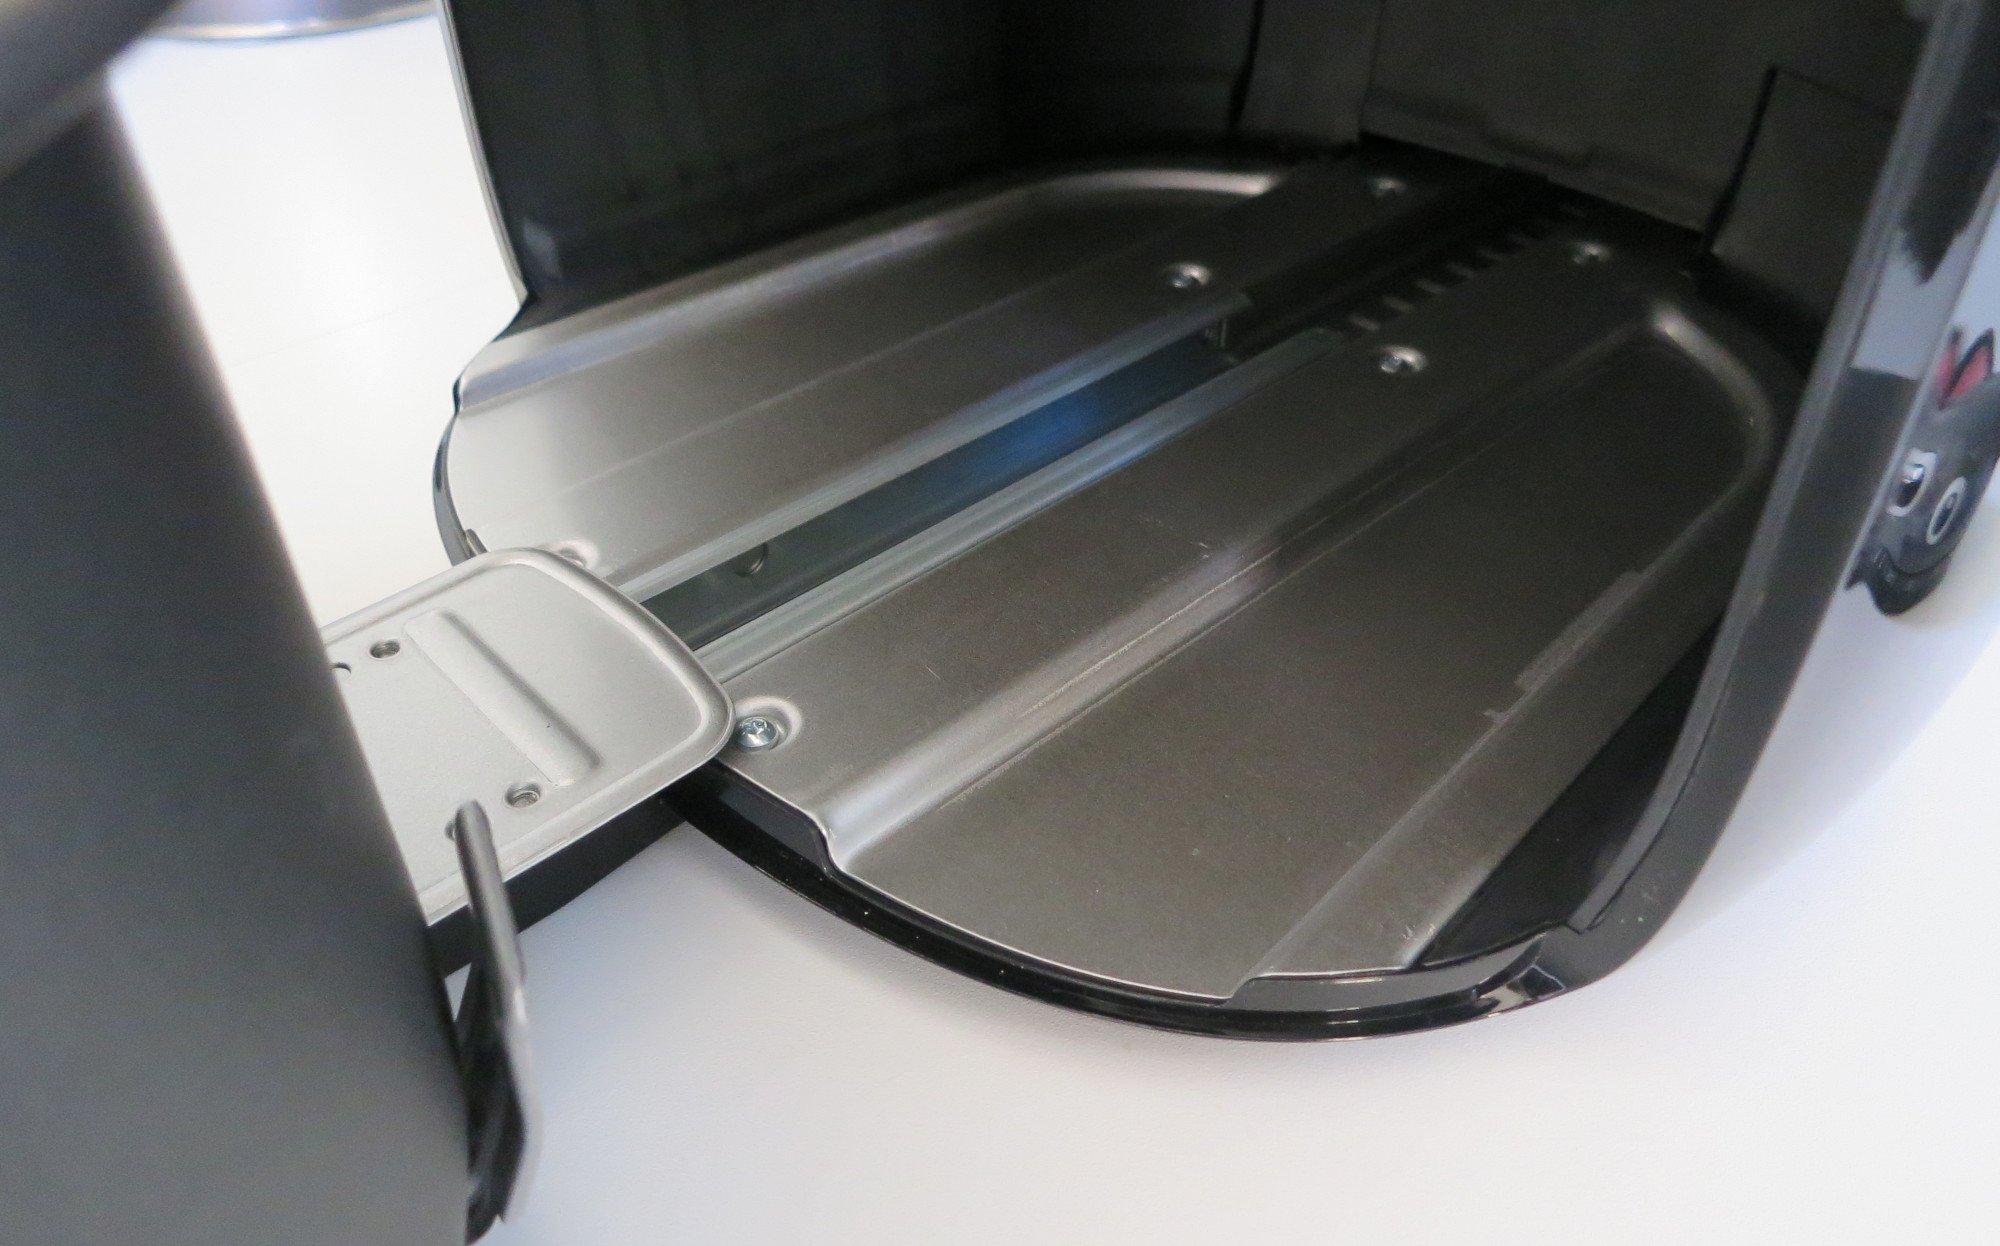 Außen (hochwertiger) Kunststoff, doch an entscheidender Stelle Metall: Die Schublade der Heißluftfritteuse Philips Airfryer XXL läuft auf einer stabilen Schiene (Bild: Peter Giesecke)